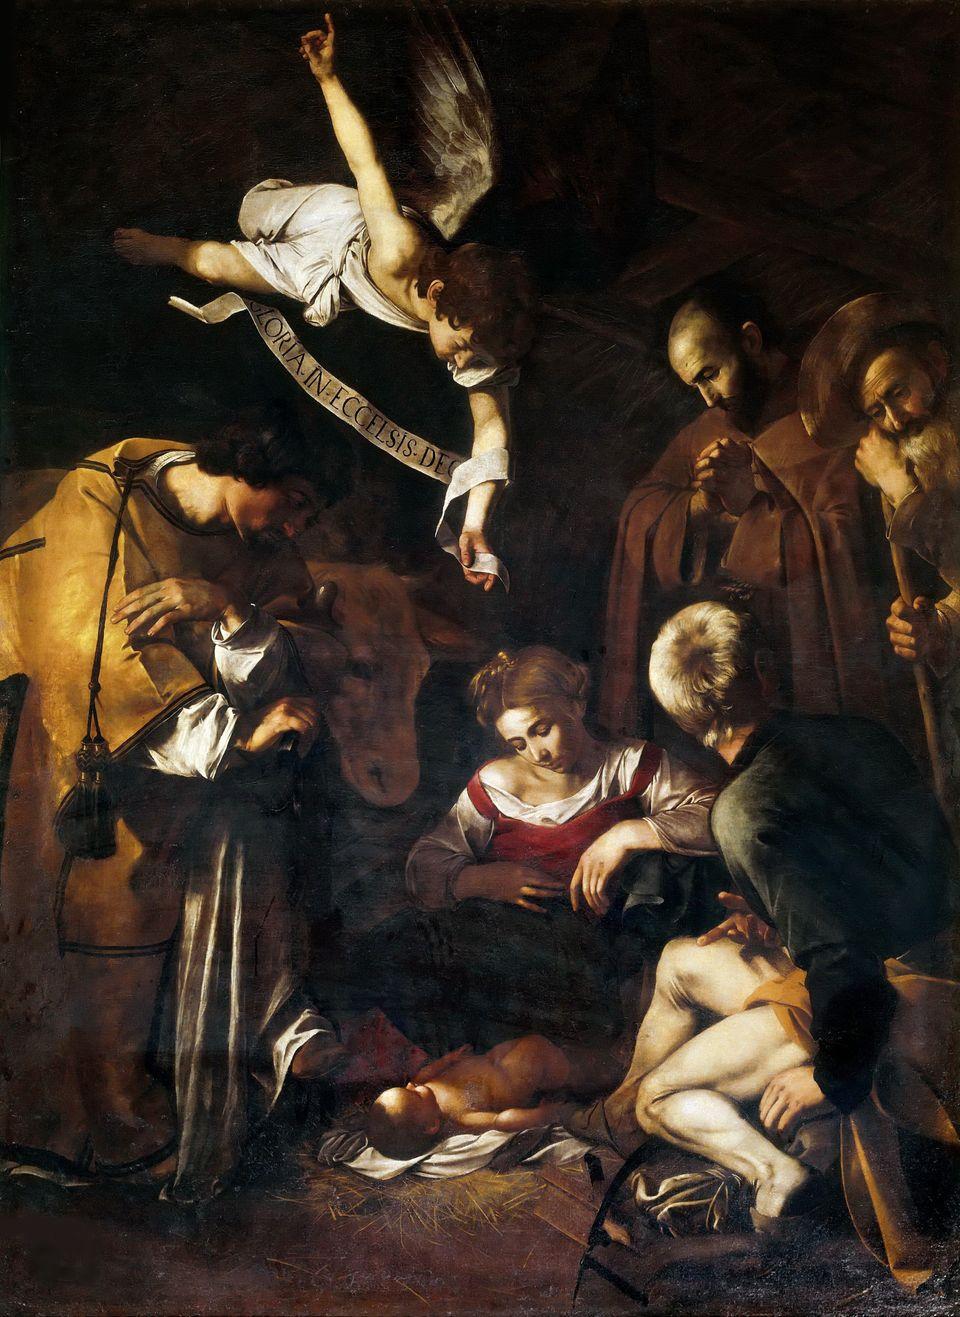 Το αριστούργημα του Καραβάτζιο που έκλεψε η Μαφία και έκρυβε στο σπίτι του «Νονός» της Κόζα